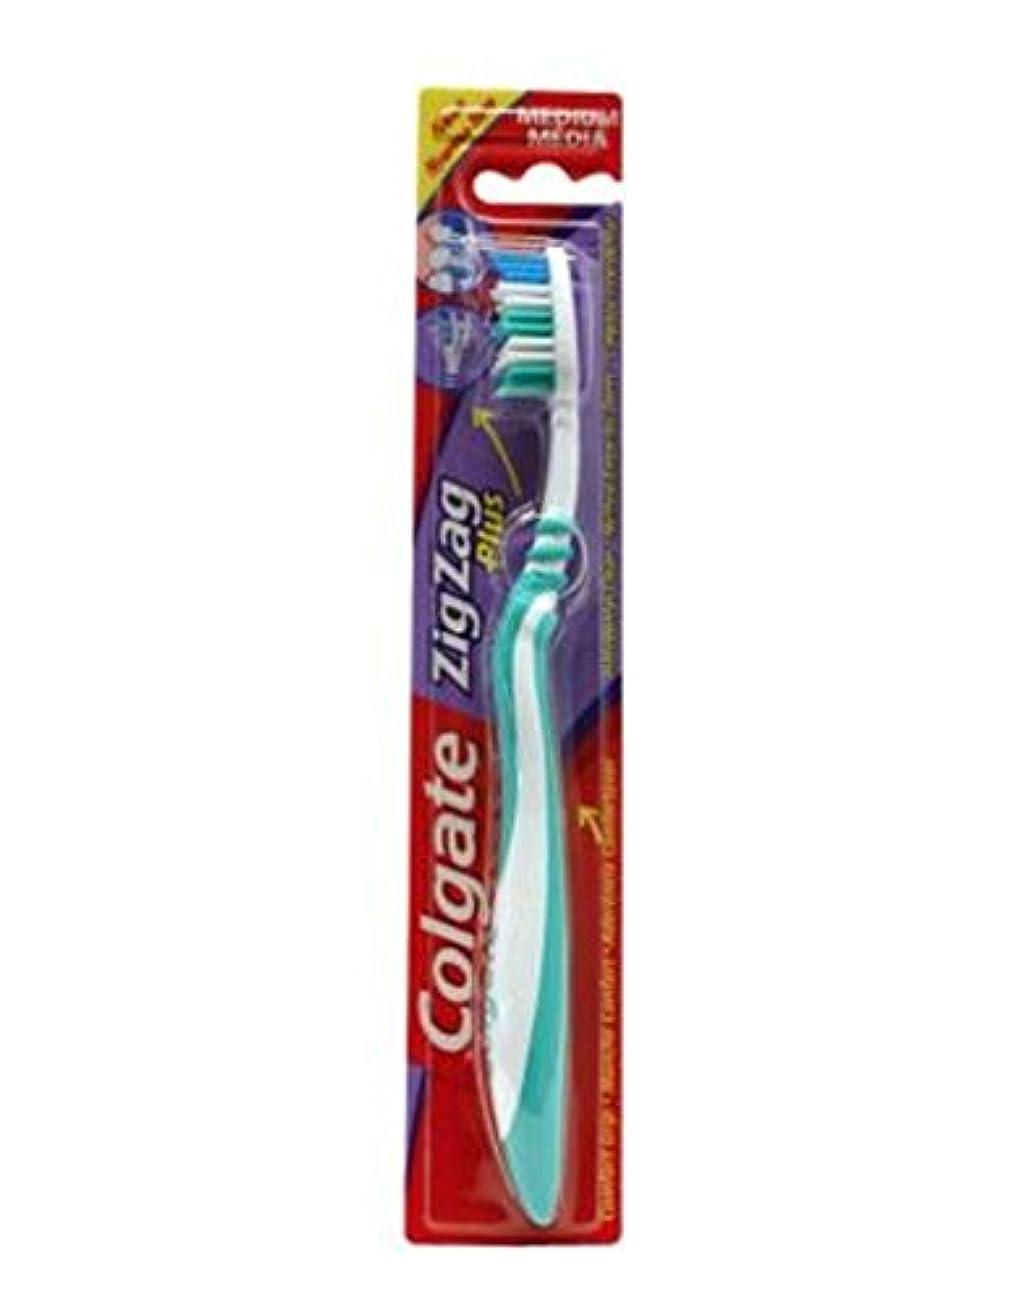 特定の画像植物のコルゲートジグザグプラス歯ブラシ媒体 (Colgate) (x2) - Colgate Zig Zag Plus Toothbrush Medium (Pack of 2) [並行輸入品]